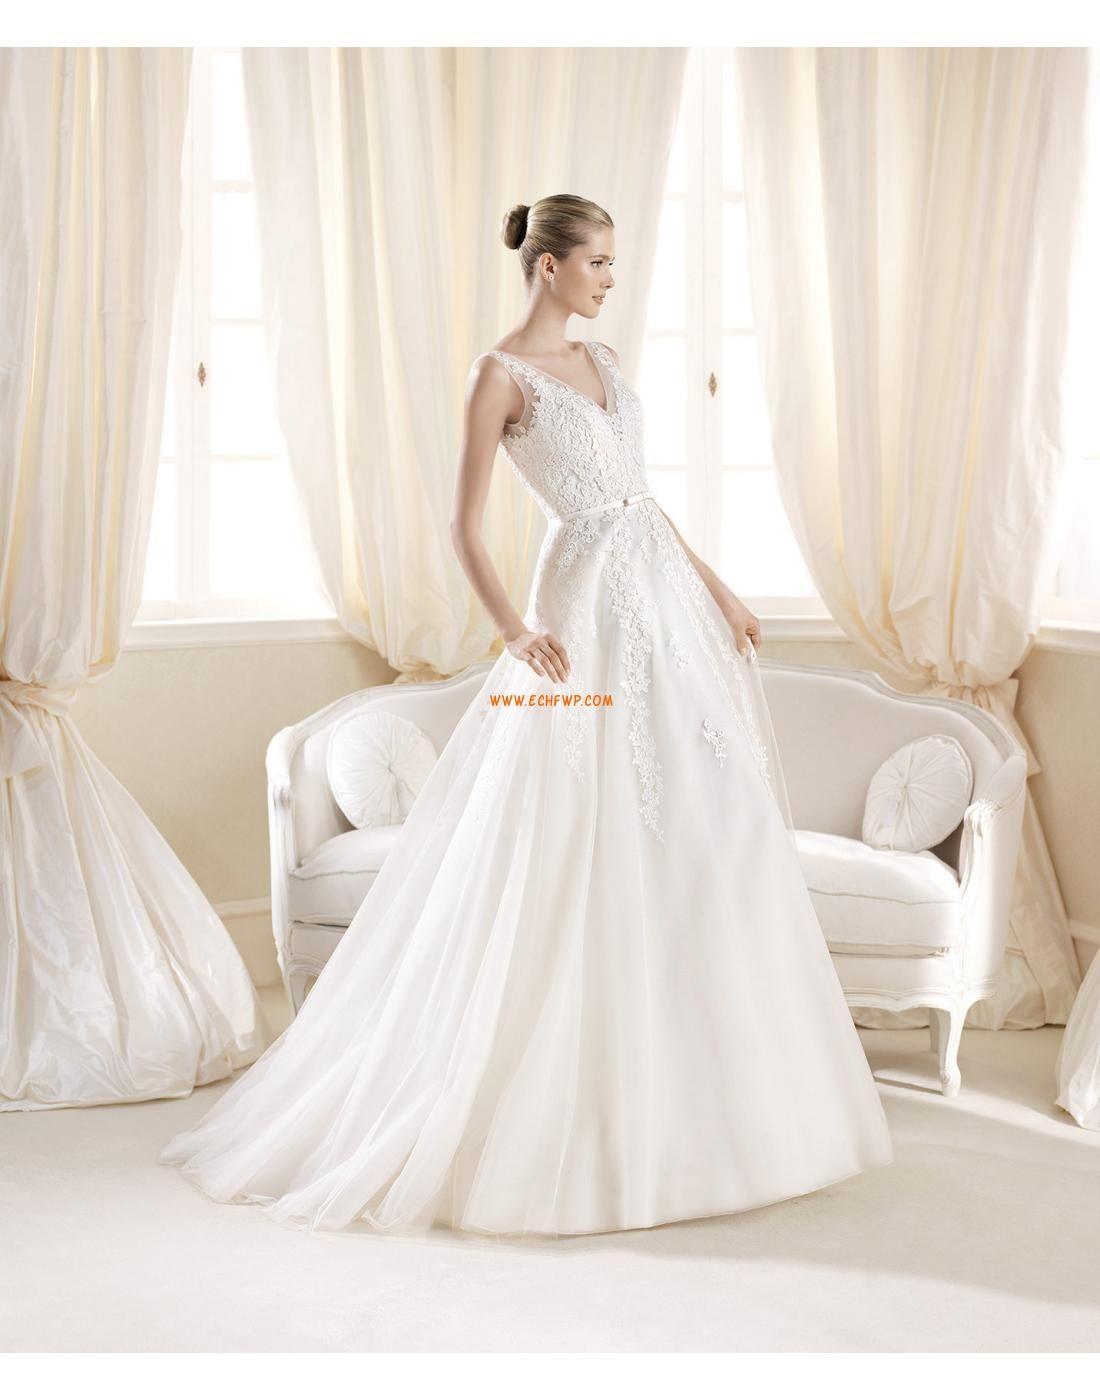 8992fcccf6aa Små vita klänningar V-ringad Spets Lyx Bröllopsklänningar ...